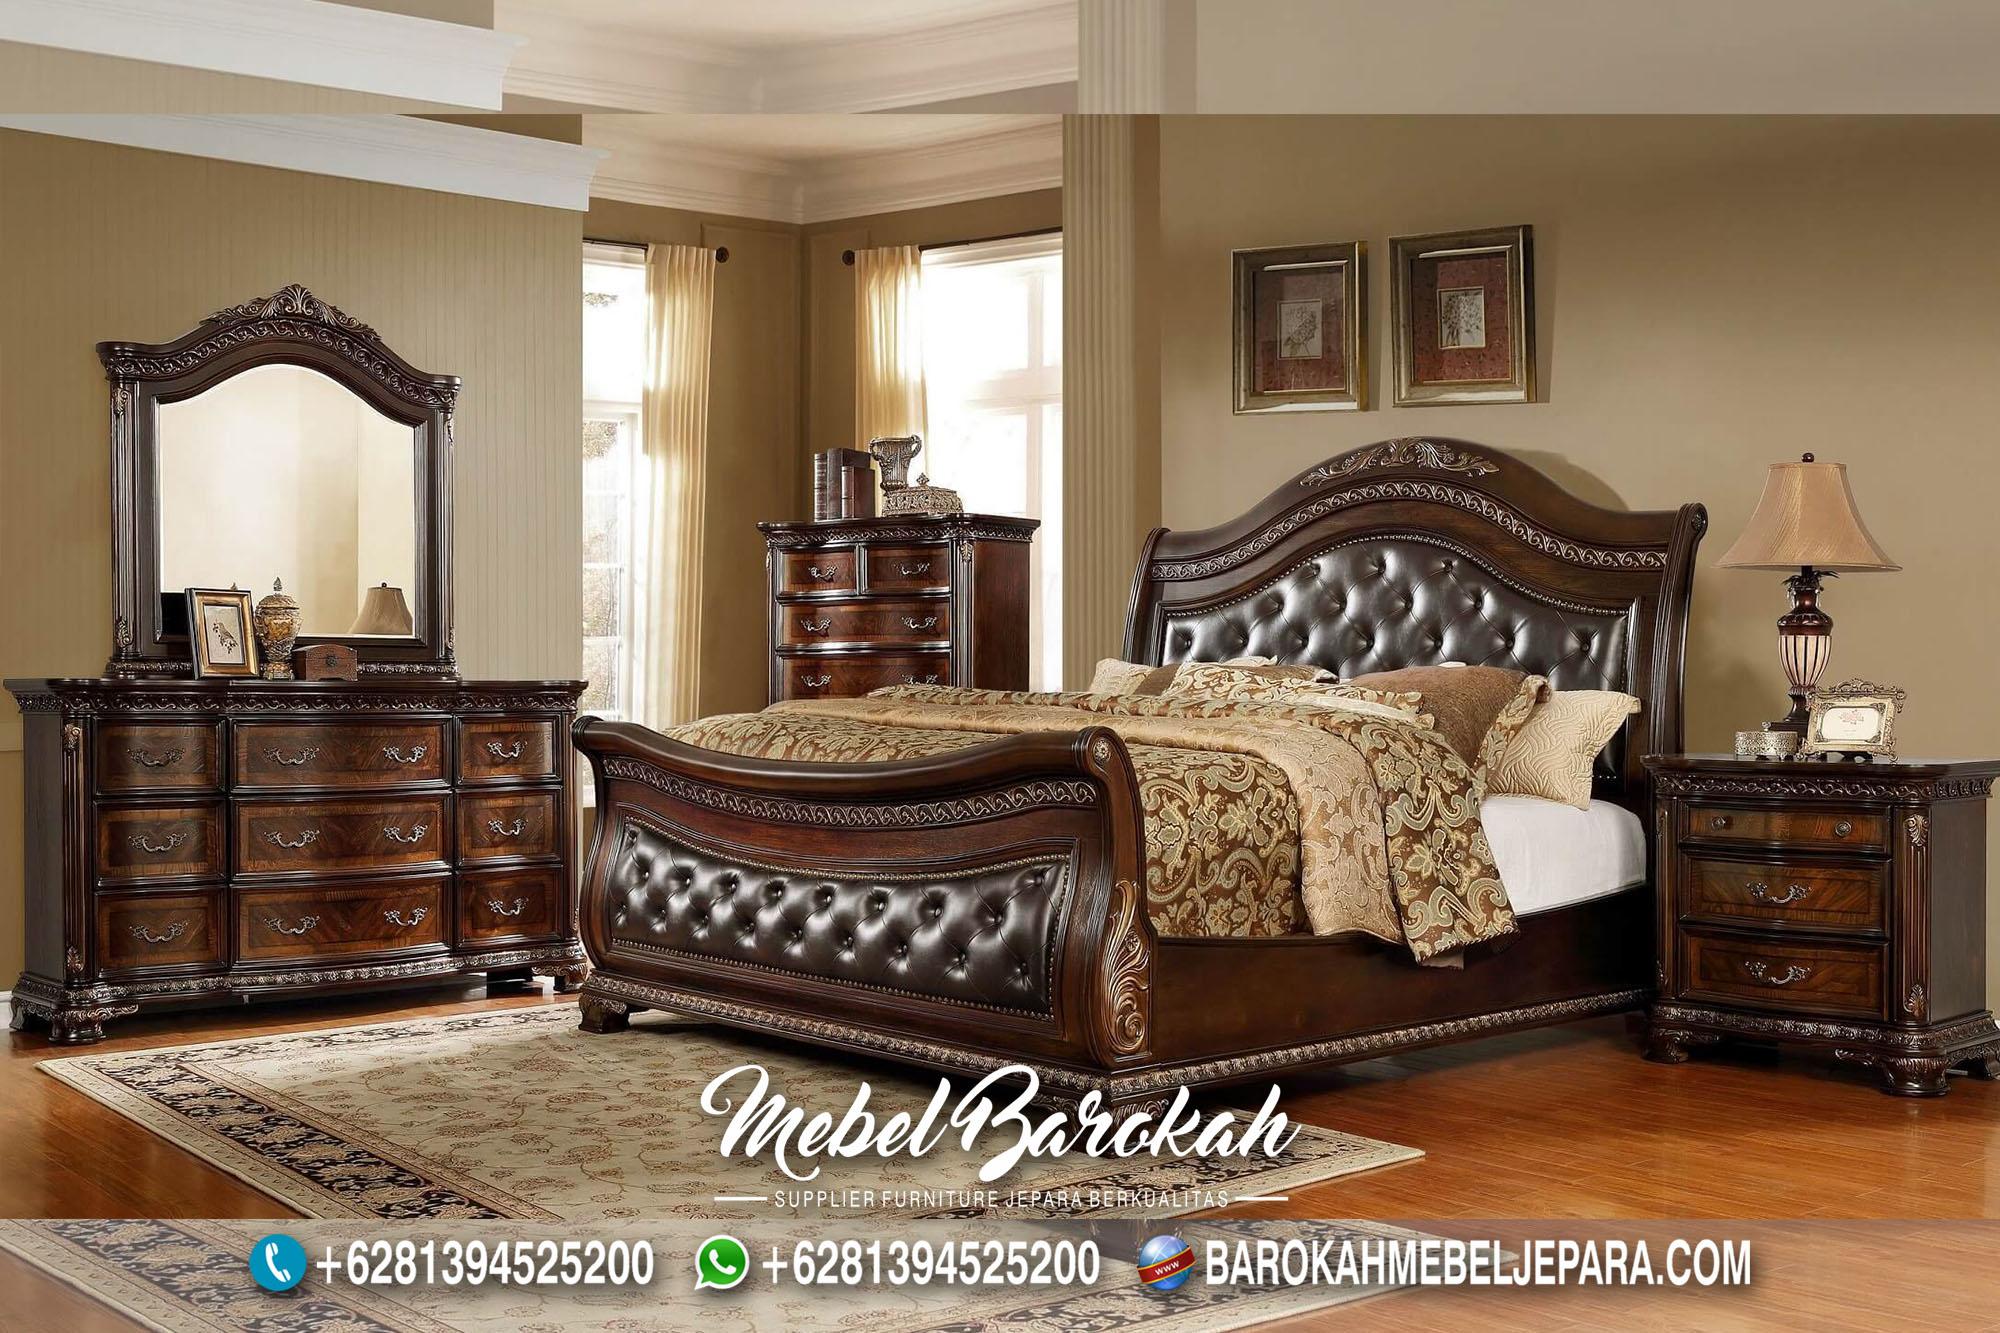 Bed Set Kayu Jati Robert Pattinson MB-682